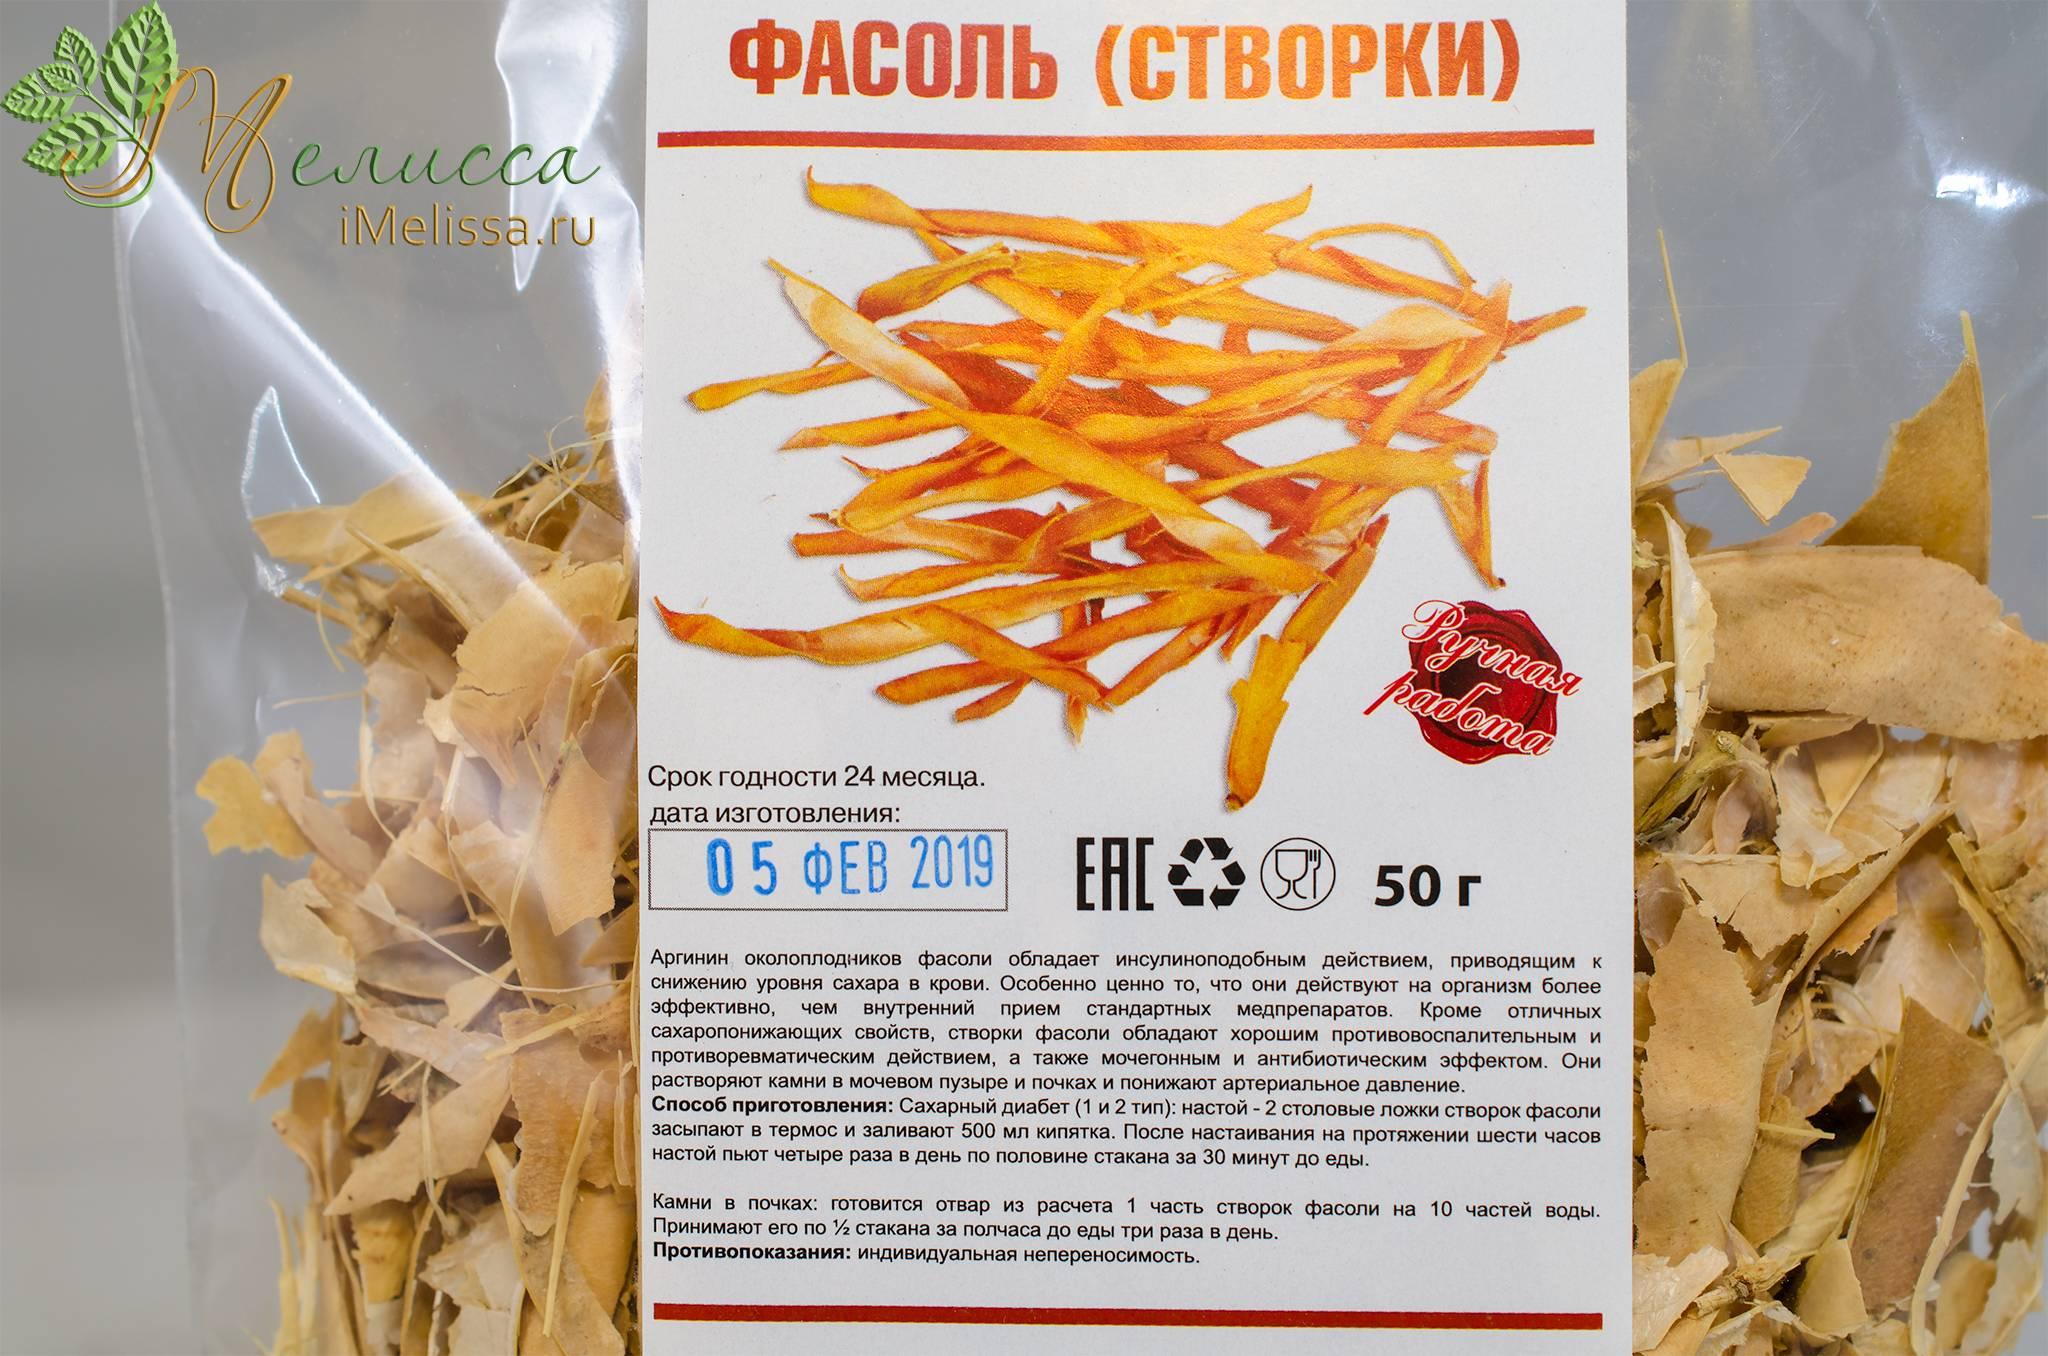 Трава створки фасоли: лечебные свойства и противопоказания, применение в народной медицине